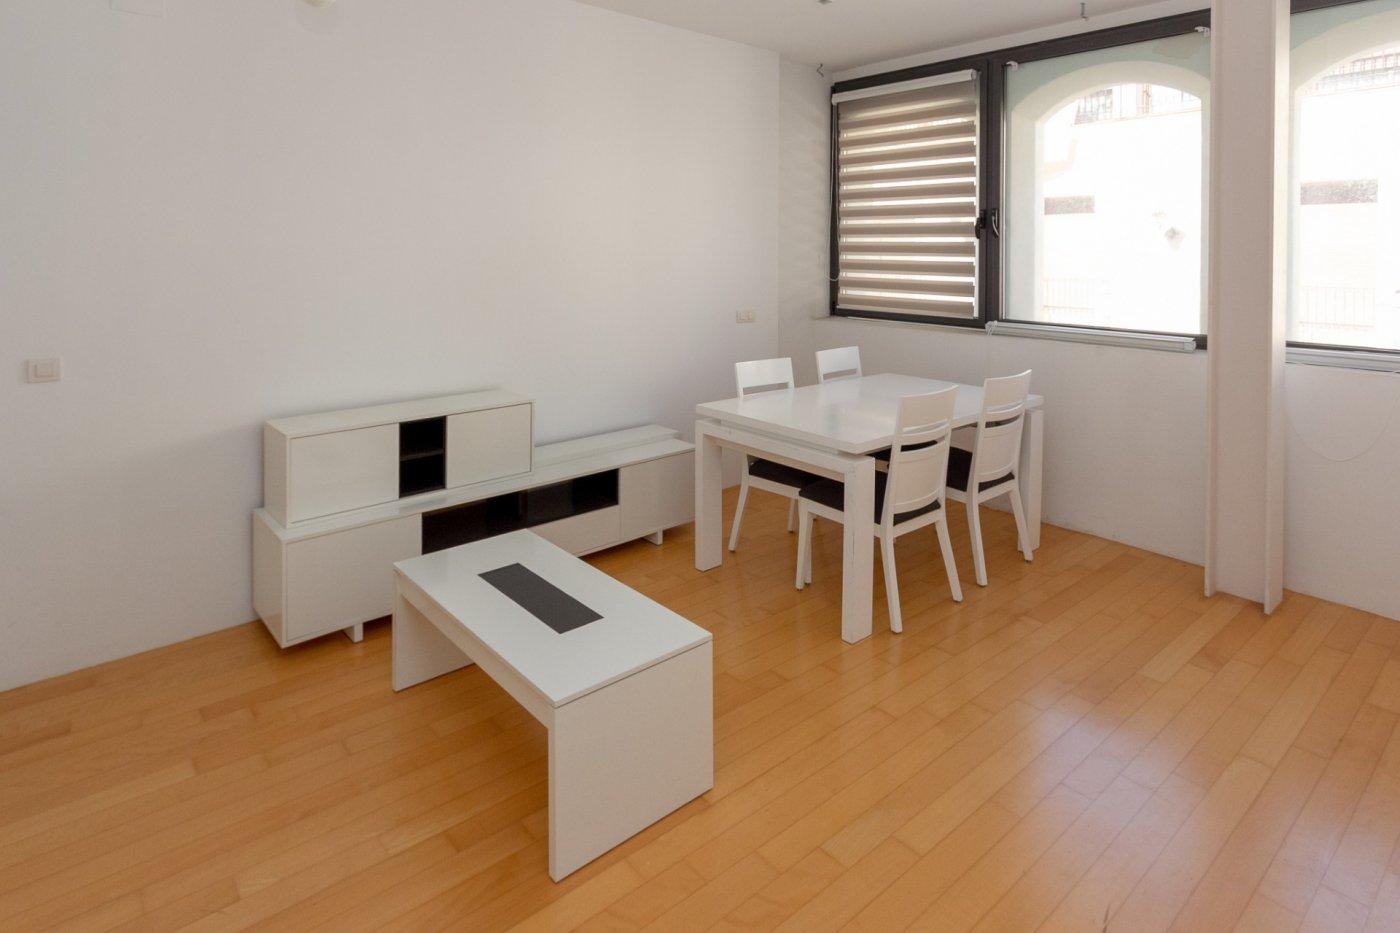 PIso de dos dormitorios de reciente construcción en zona centro de Castalla - 1458